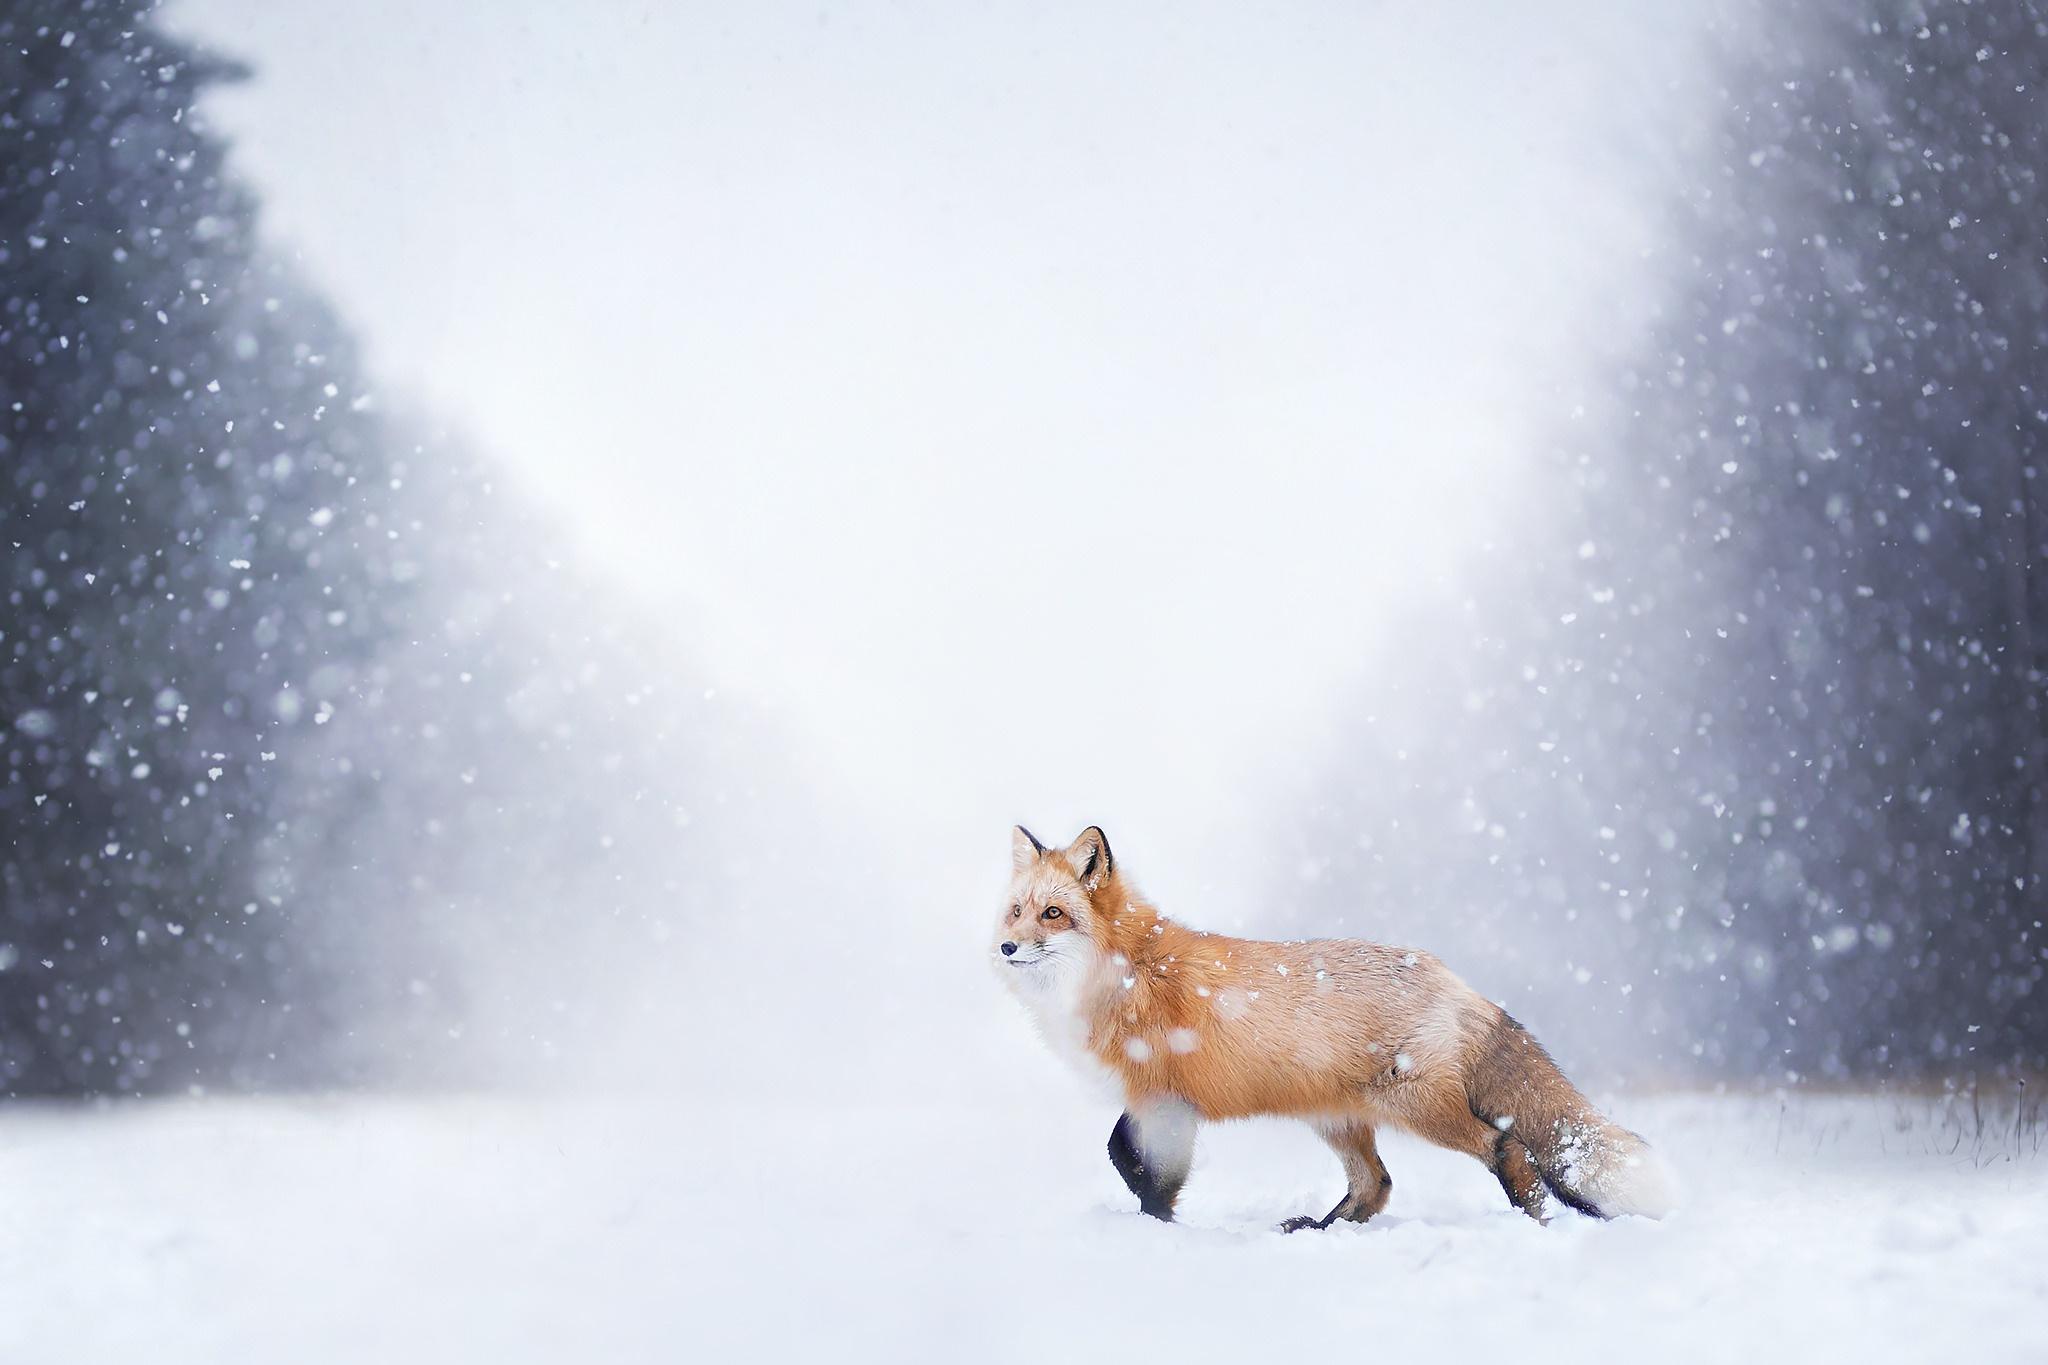 лиса природа животное снег зима без смс